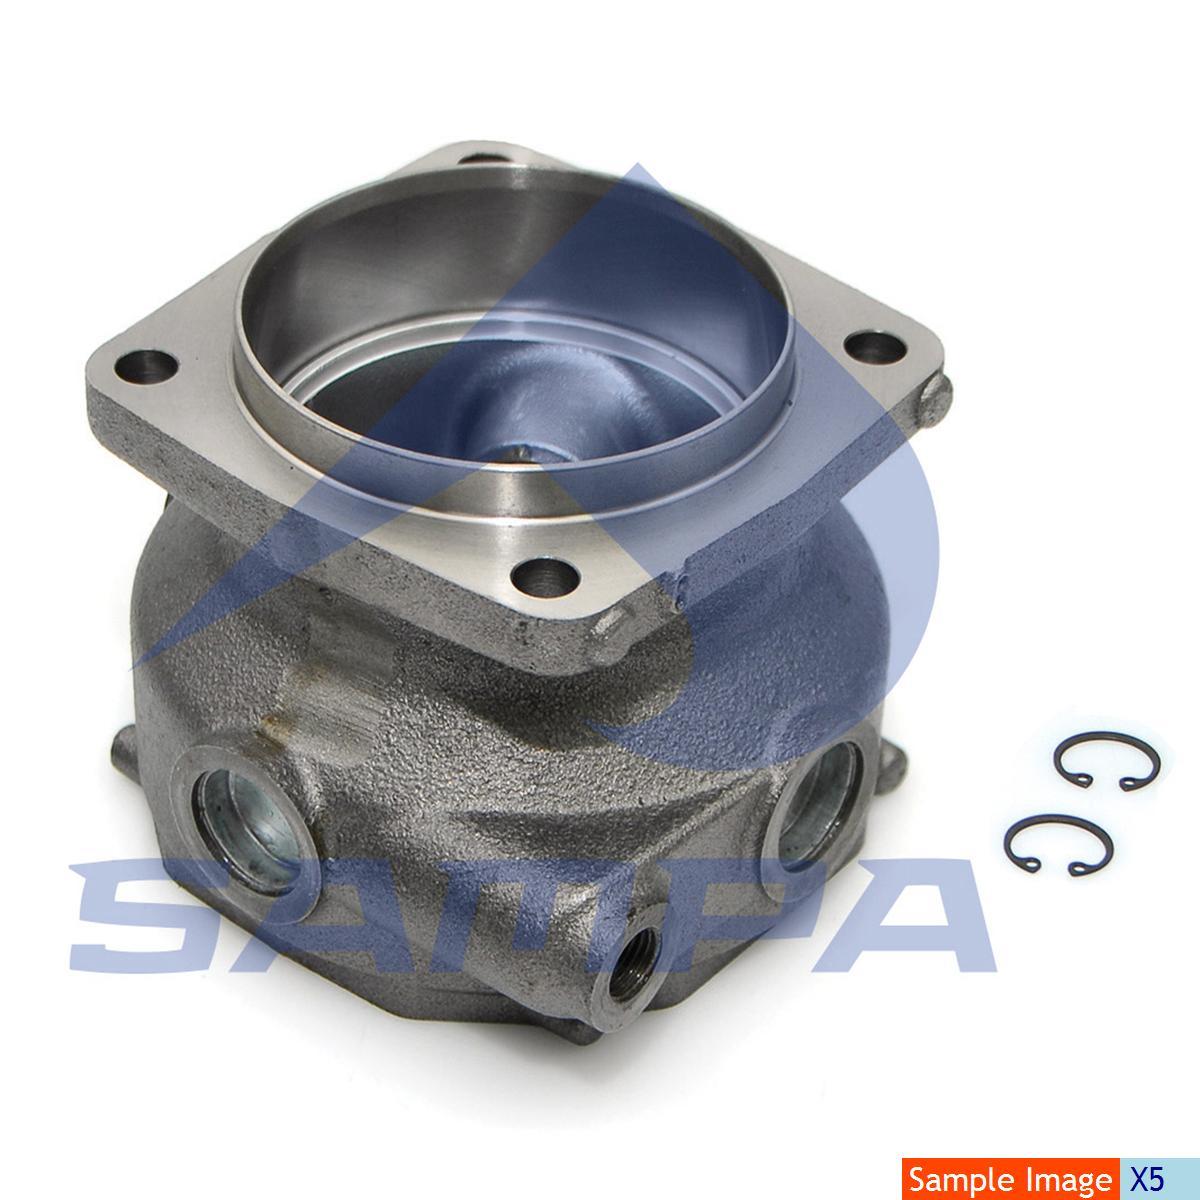 Cylinder Liner, Piston, R.V.I., Compressed Air System